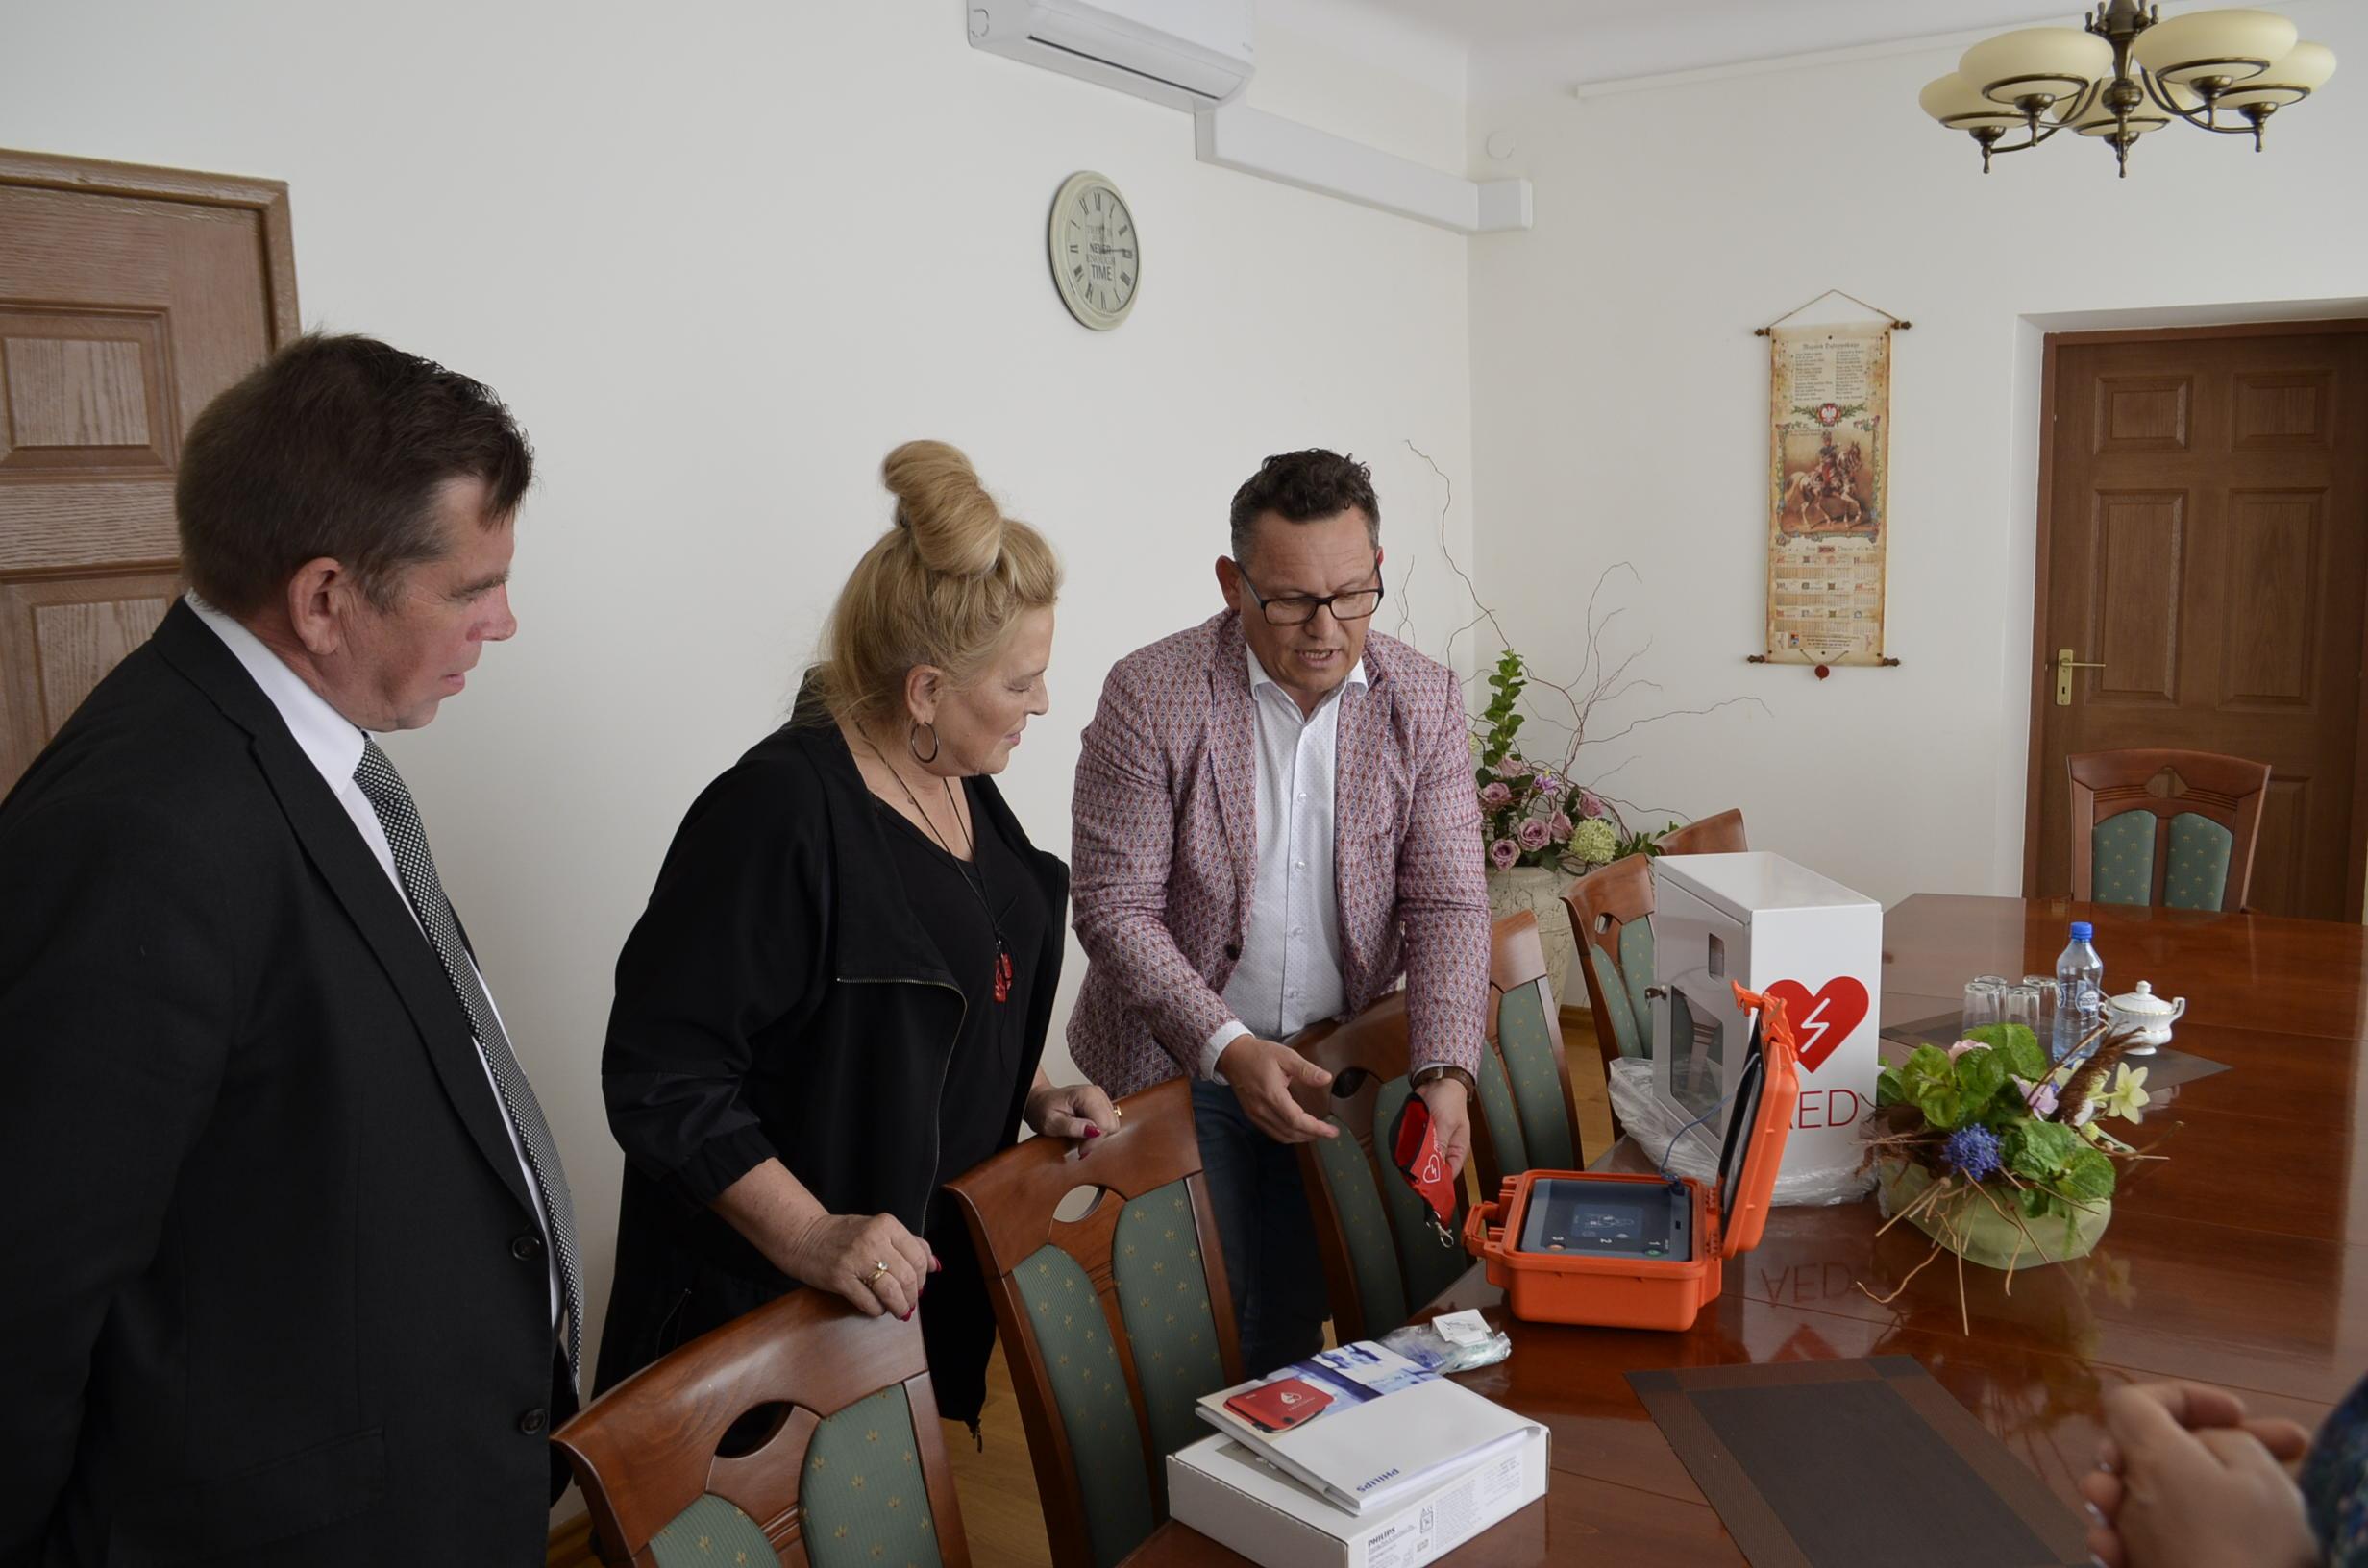 Trzy osoby, jedna przedstawia nowy defibrylator, pozostali się przyglądaja